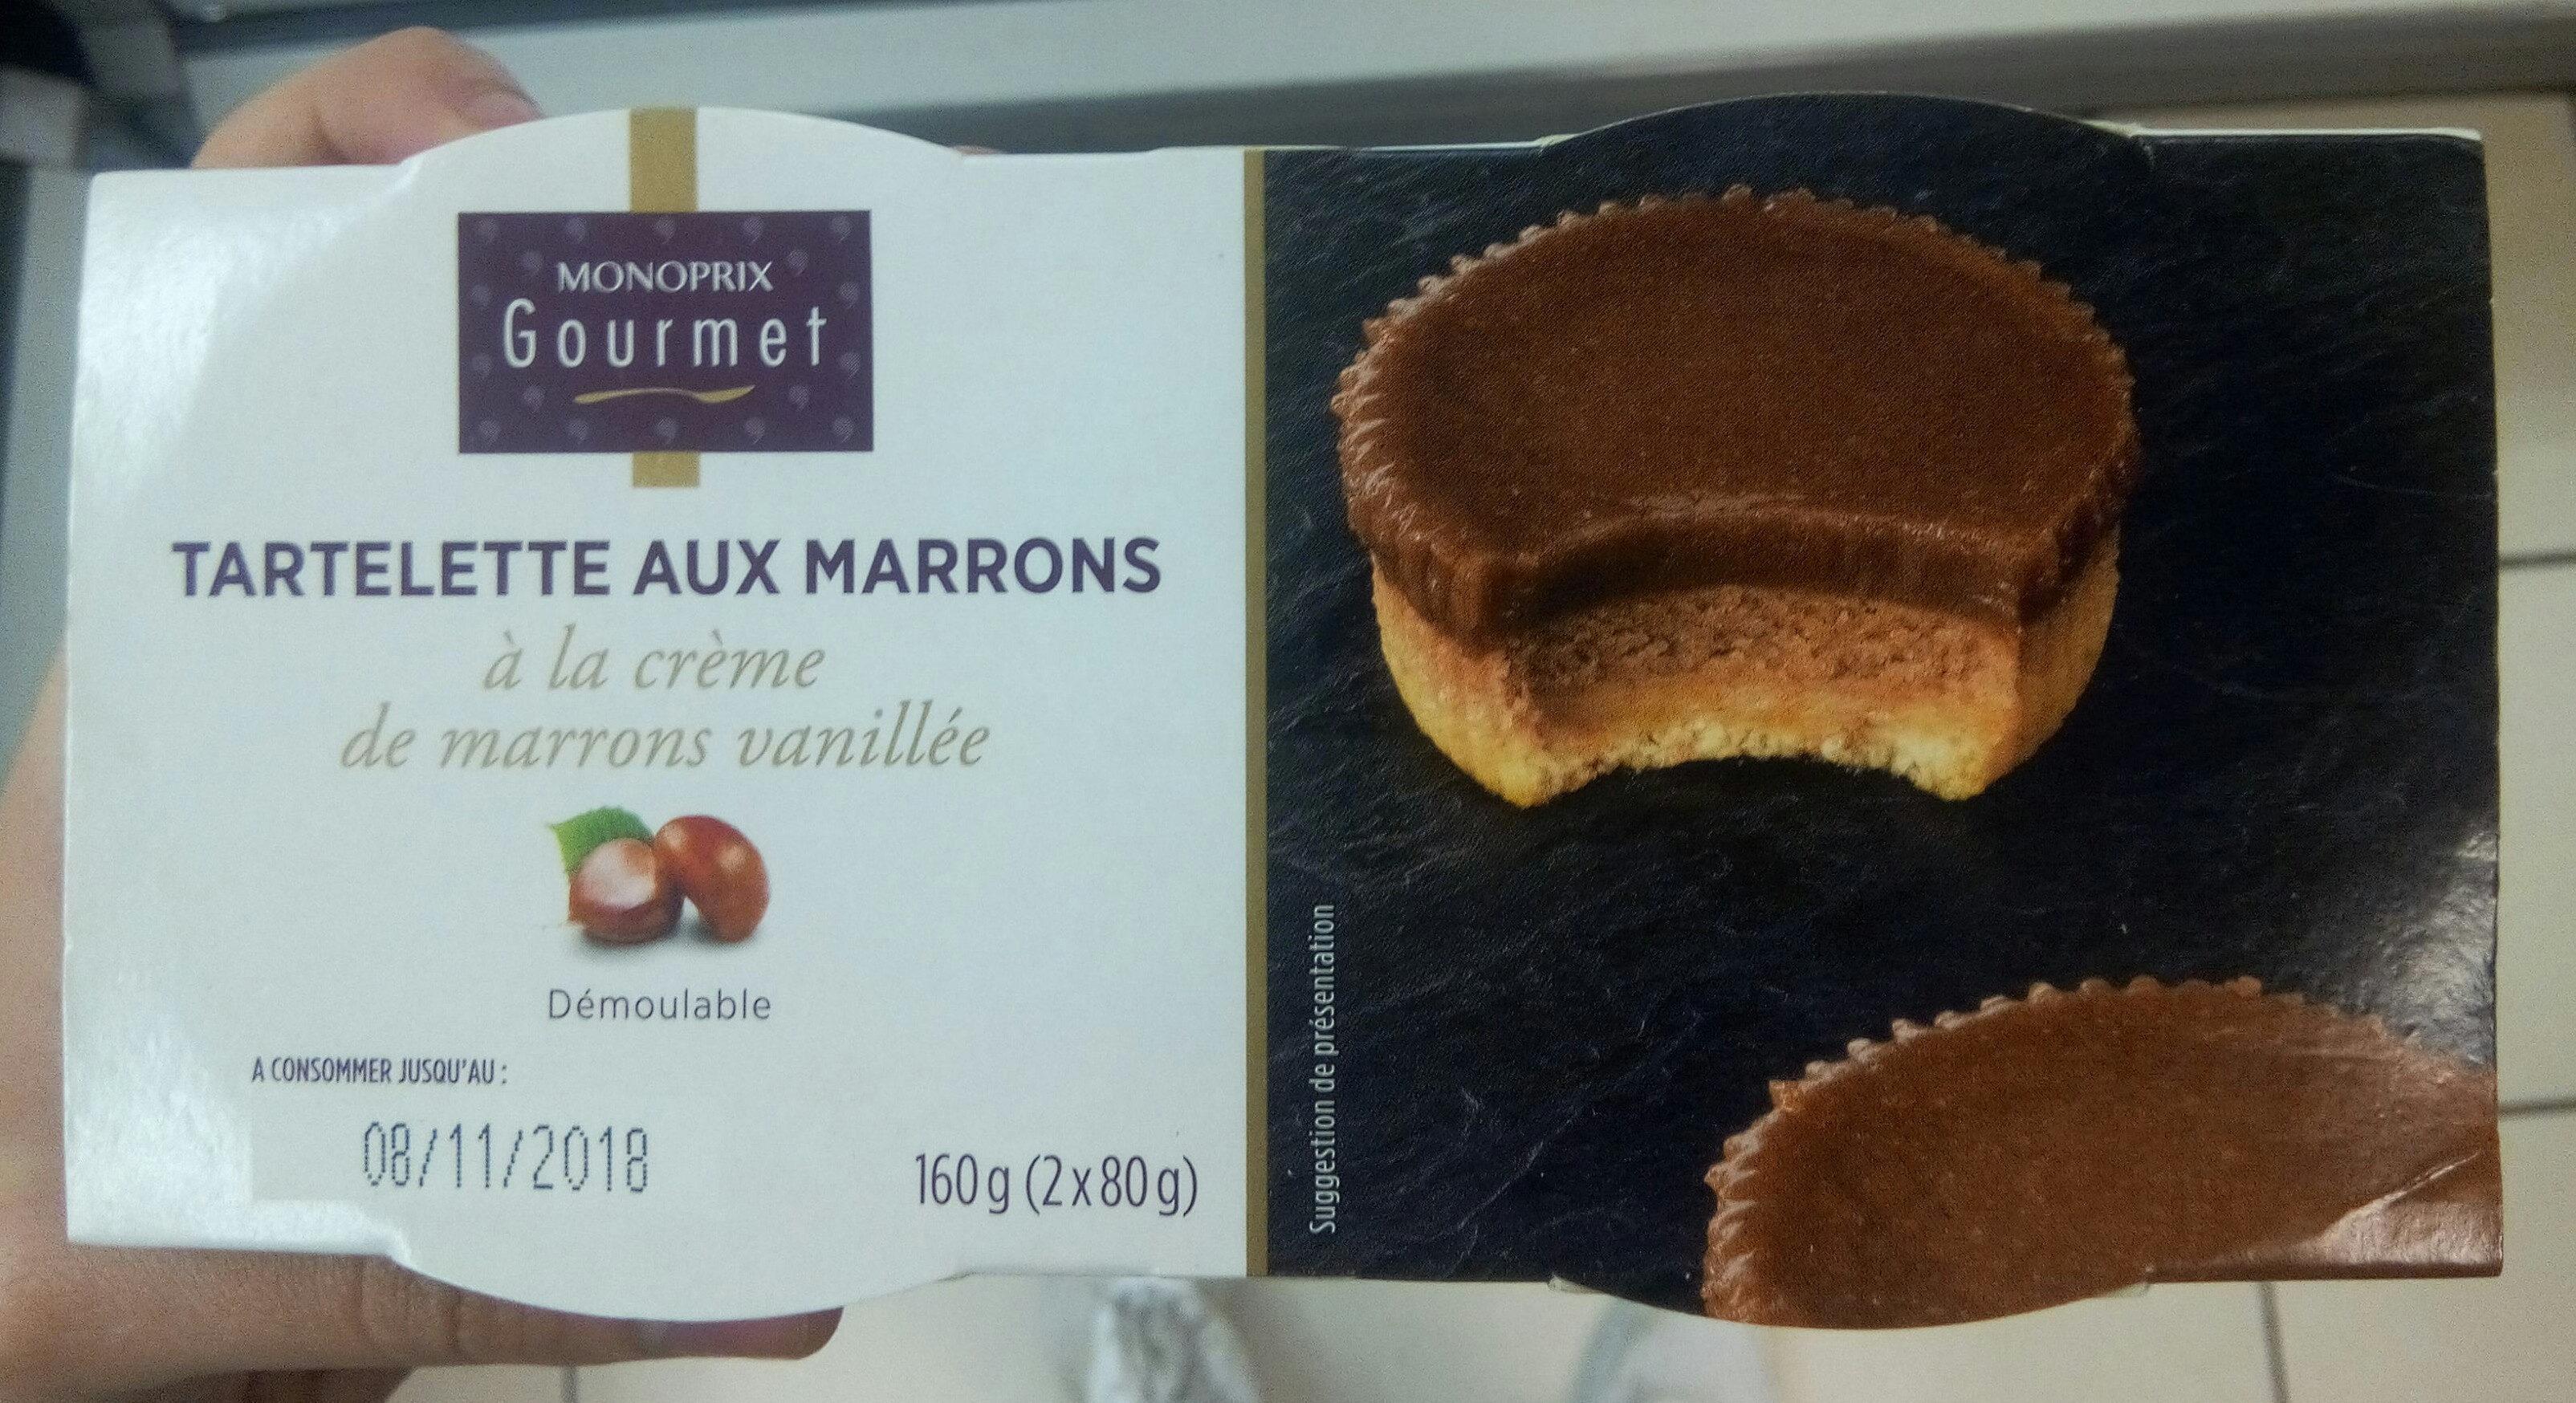 Tartelette aux marrons - Product - fr